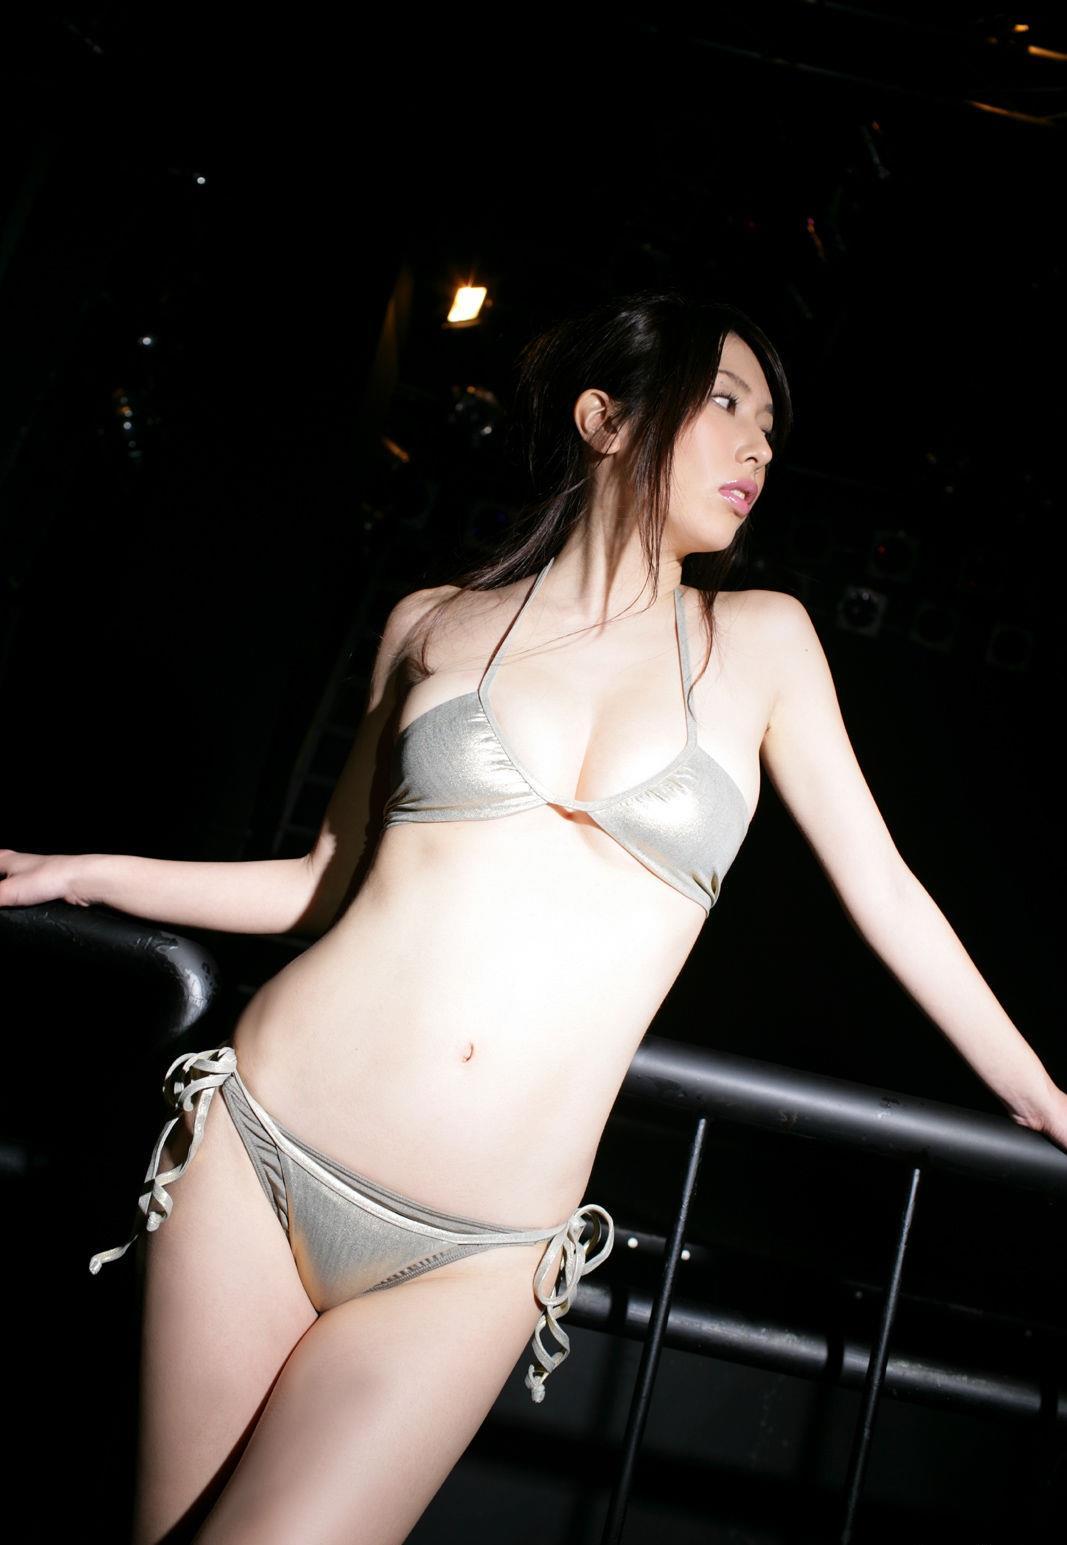 小林恵美 画像 25